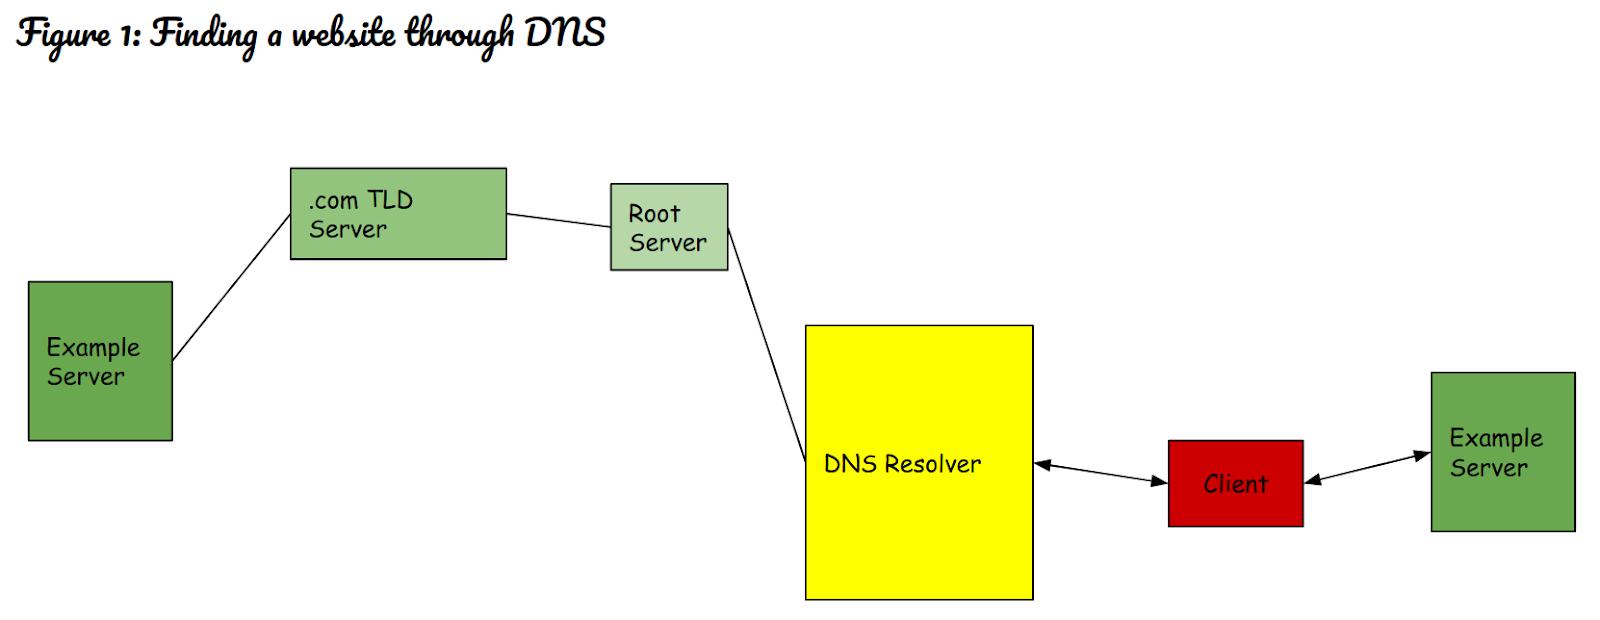 Diagram berjudul Menemukan situs web melalui DNS, dengan tujuh kotak beragam warna, ukuran, dan bentuk dihubungkan dengan garis ke berbagai arah.